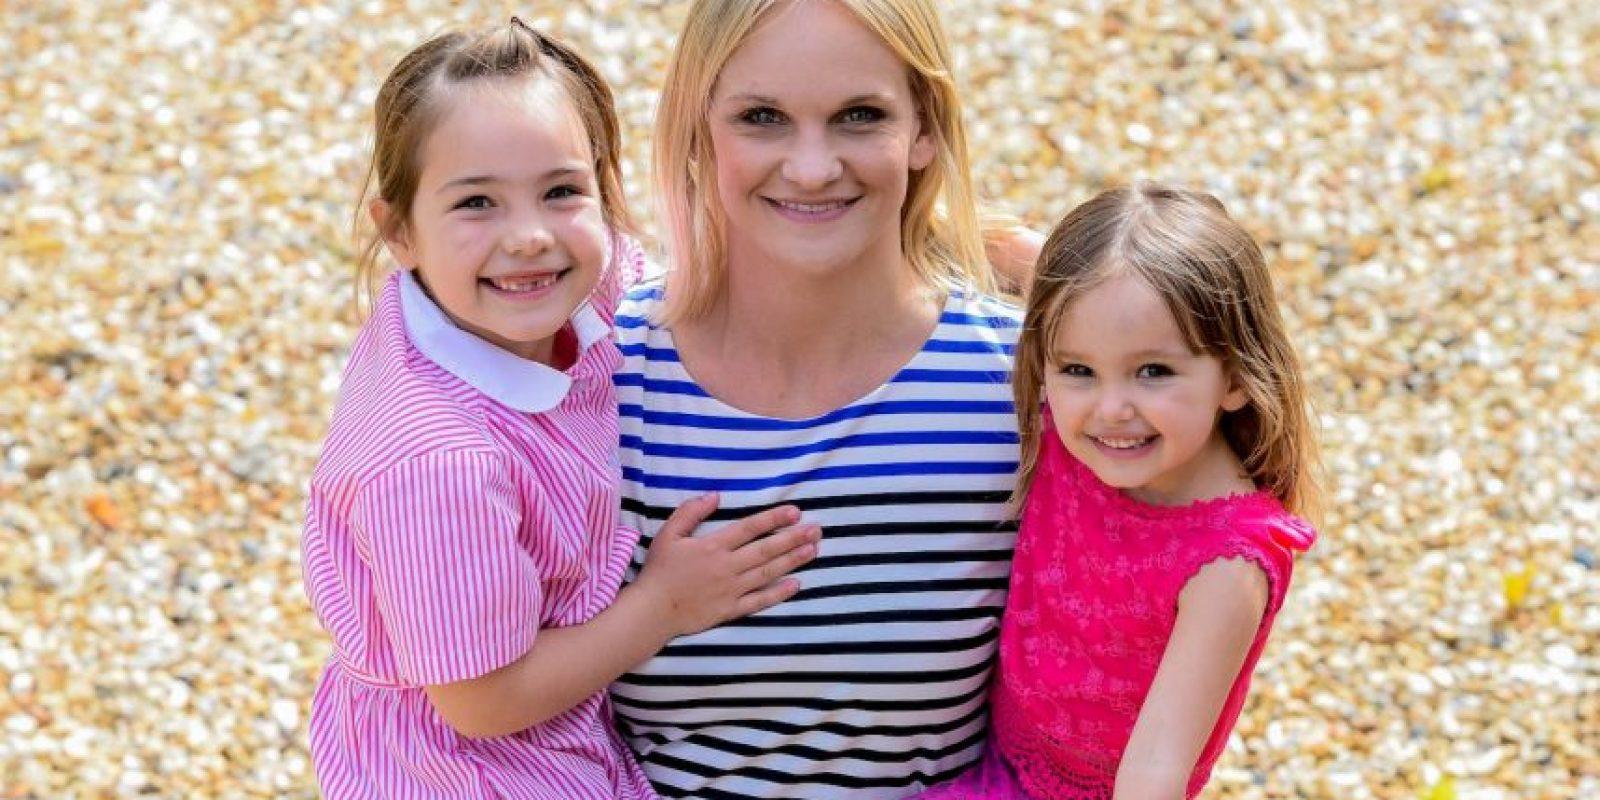 Su tercera opción fue ir a buscar a su vecina, Pam Bancroft, quien llamó a los paramédicos, los cuales le salvaron la vida a Sarah de 36 año Foto:Grosby Group